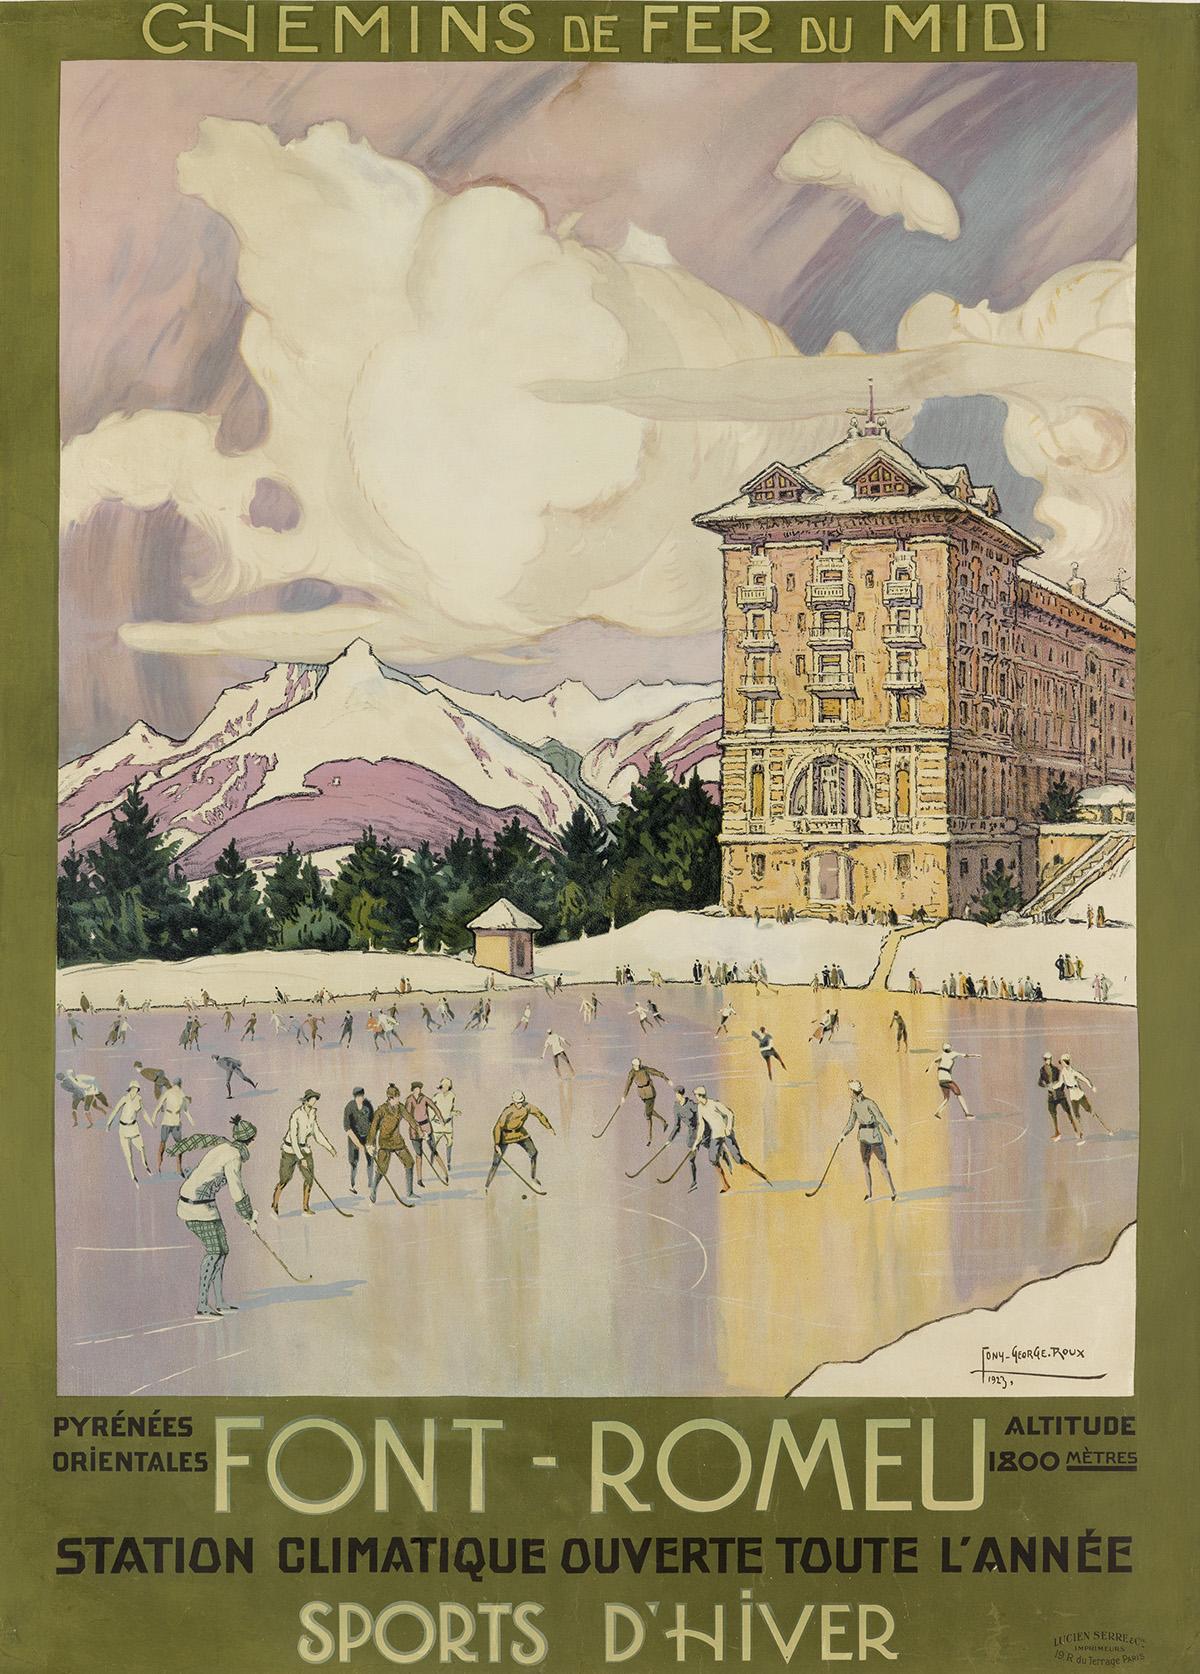 TONY-GEORGE-ROUX-(1894-1928)-FONT---ROMEU--SPORTS-DHIVER-192